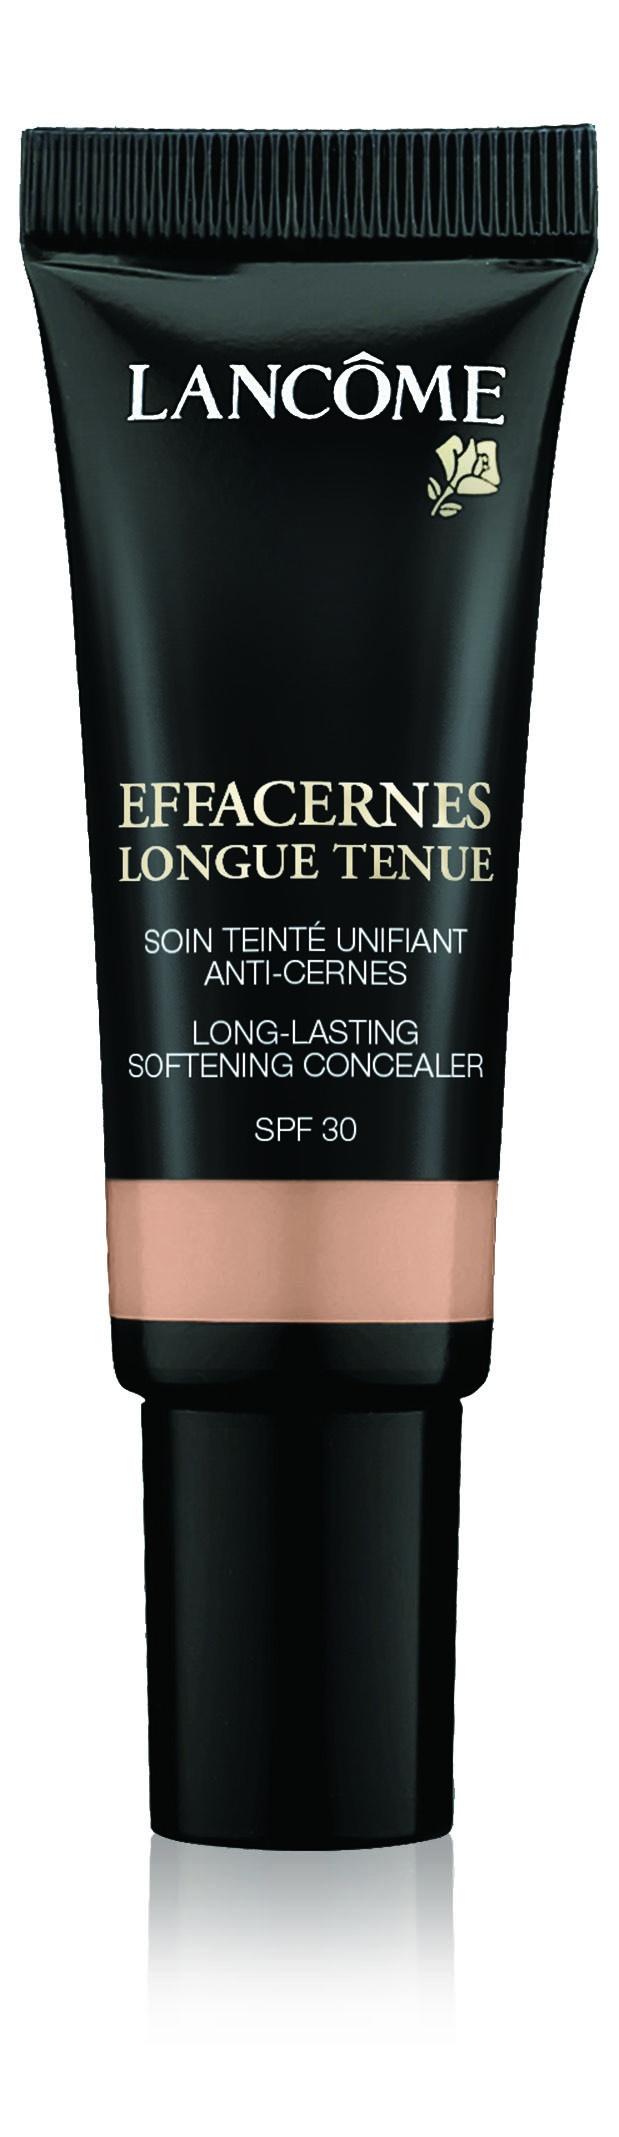 Lancôme Effacernes Long-Lasting Softening Concealer SPF30, 04 beige rosé